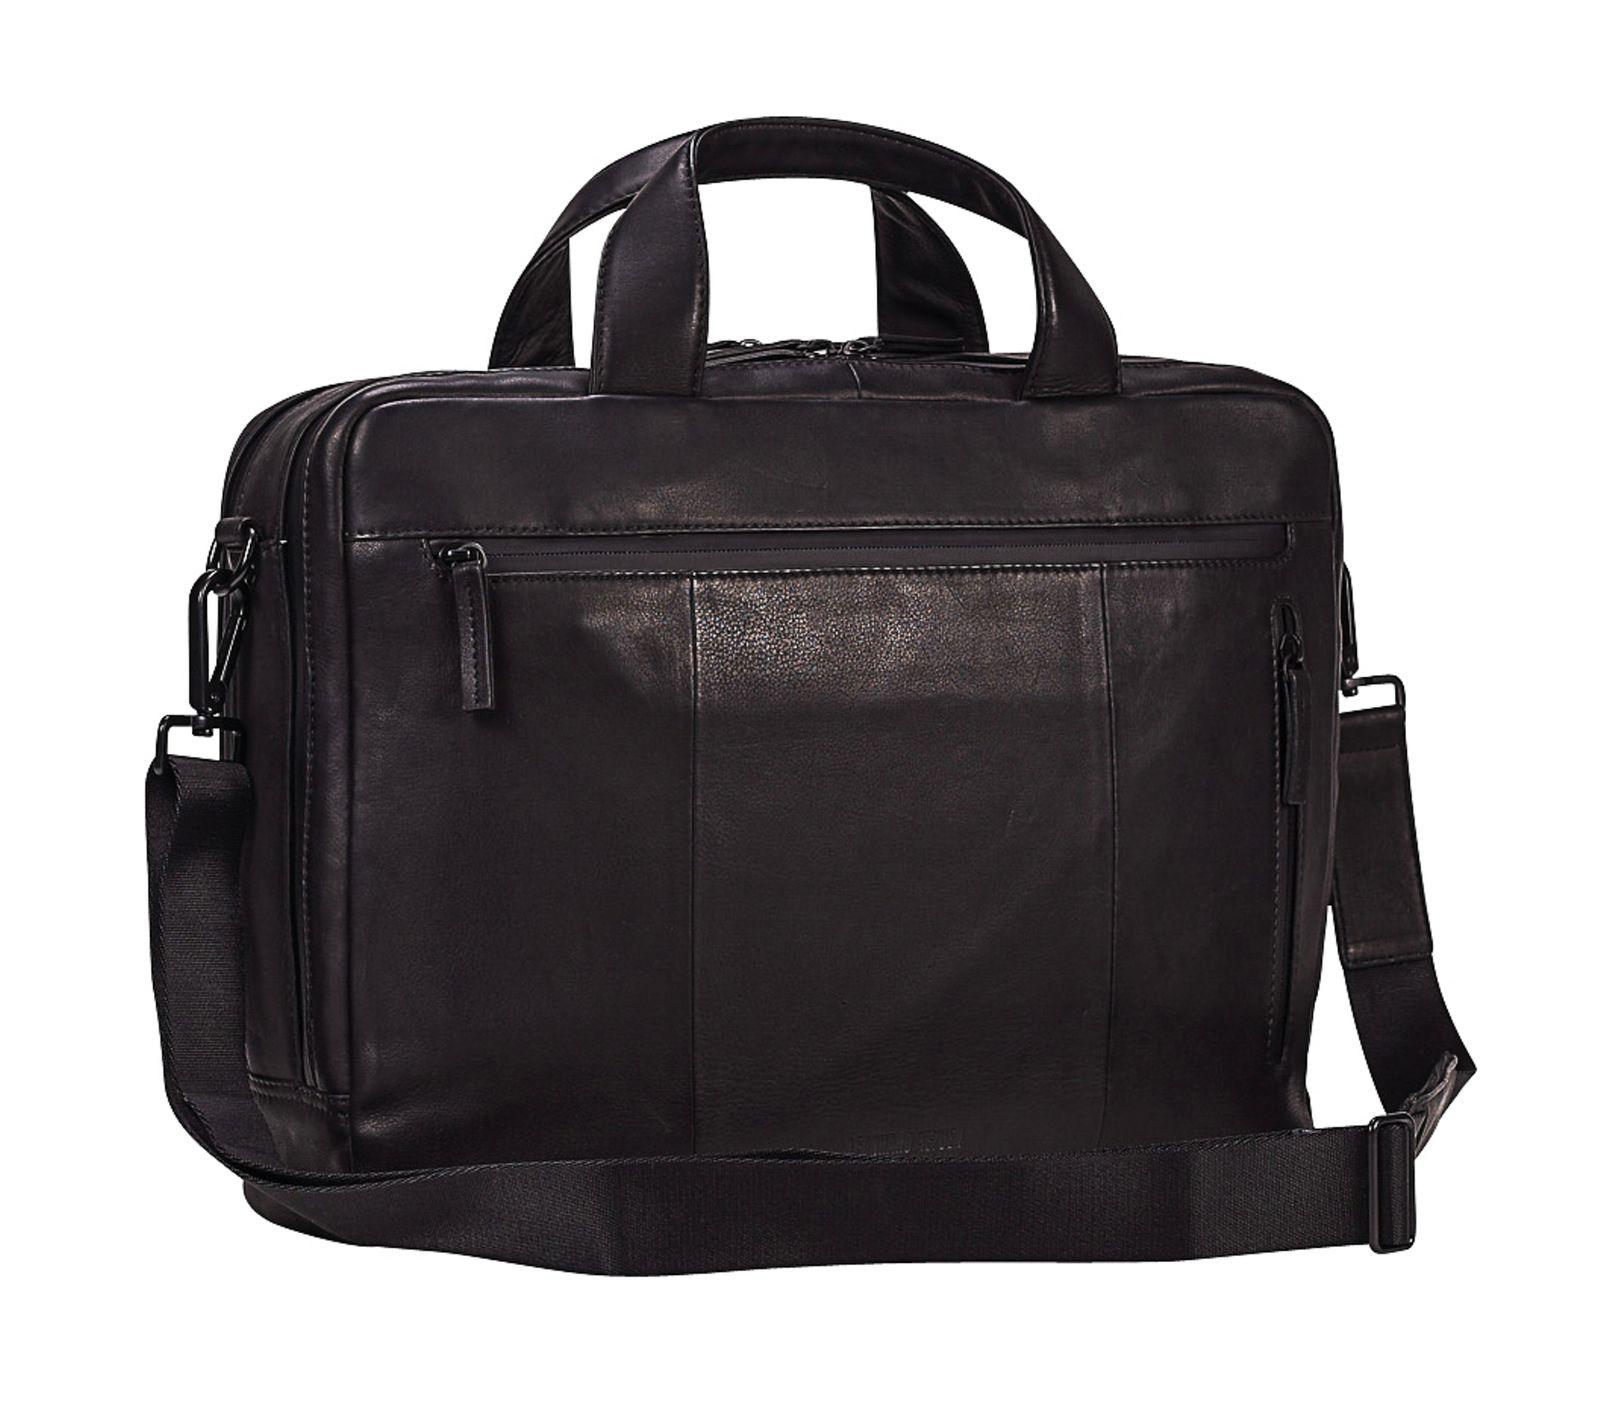 LEONHARD HEYDEN Den Haag Briefbag 2 Compartment Black